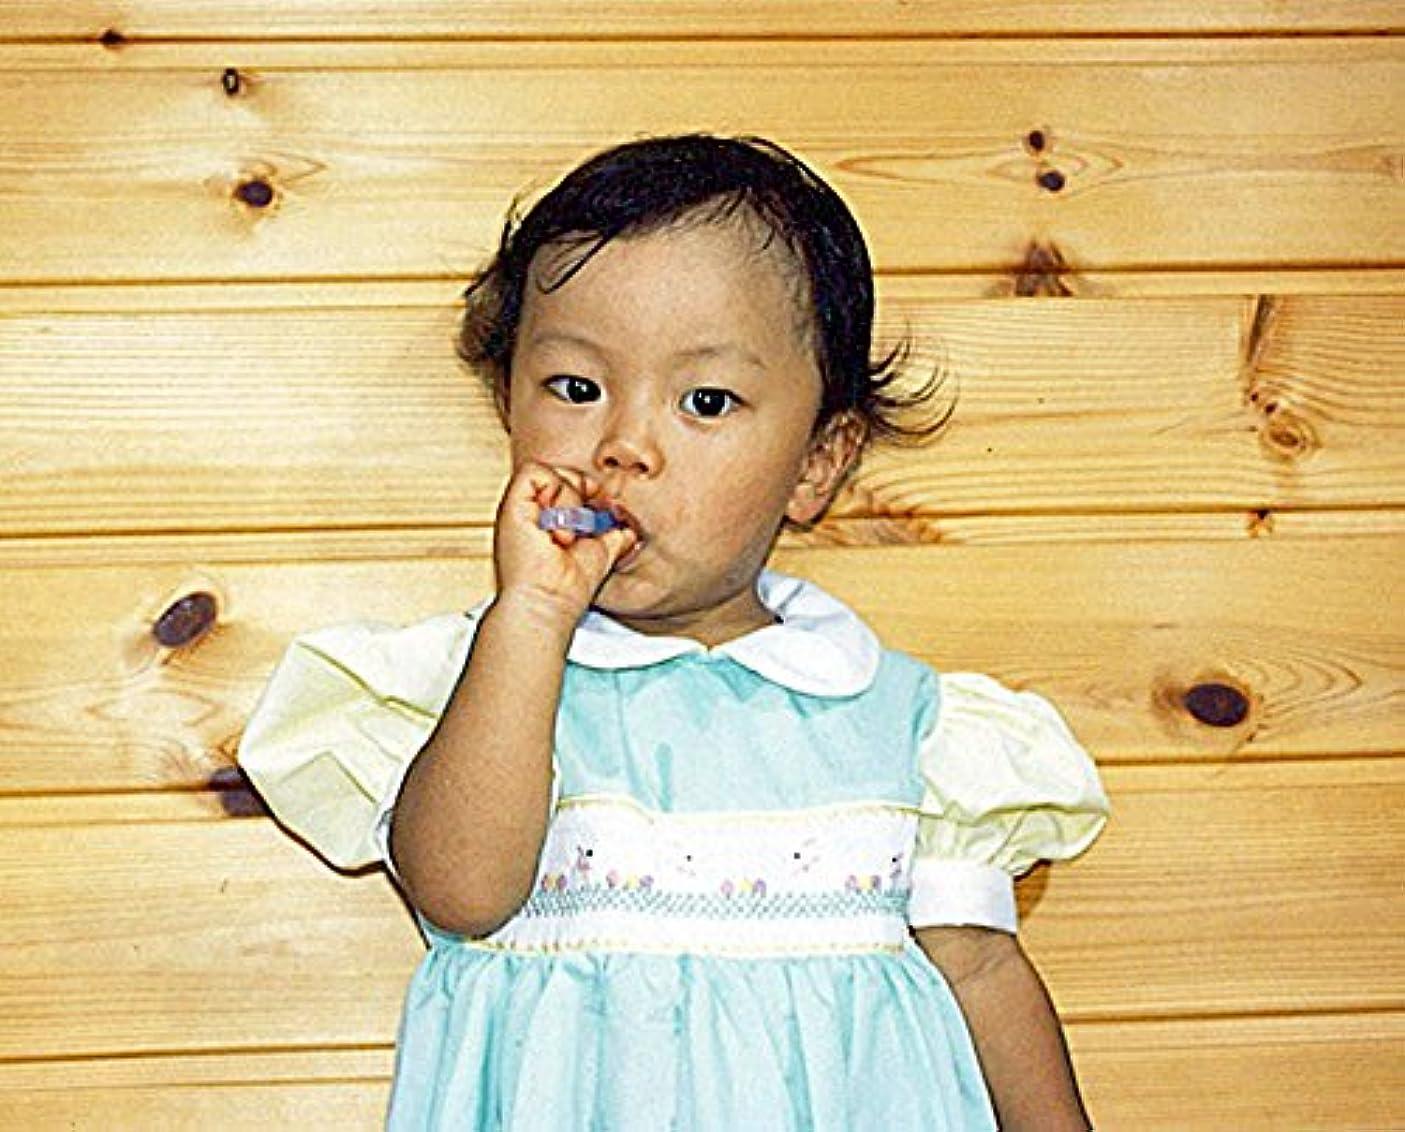 リングレモン出発するオーラルケア 歯ブラシ カミカミソフト歯ブラシ ブルー/ピンク 2個組み